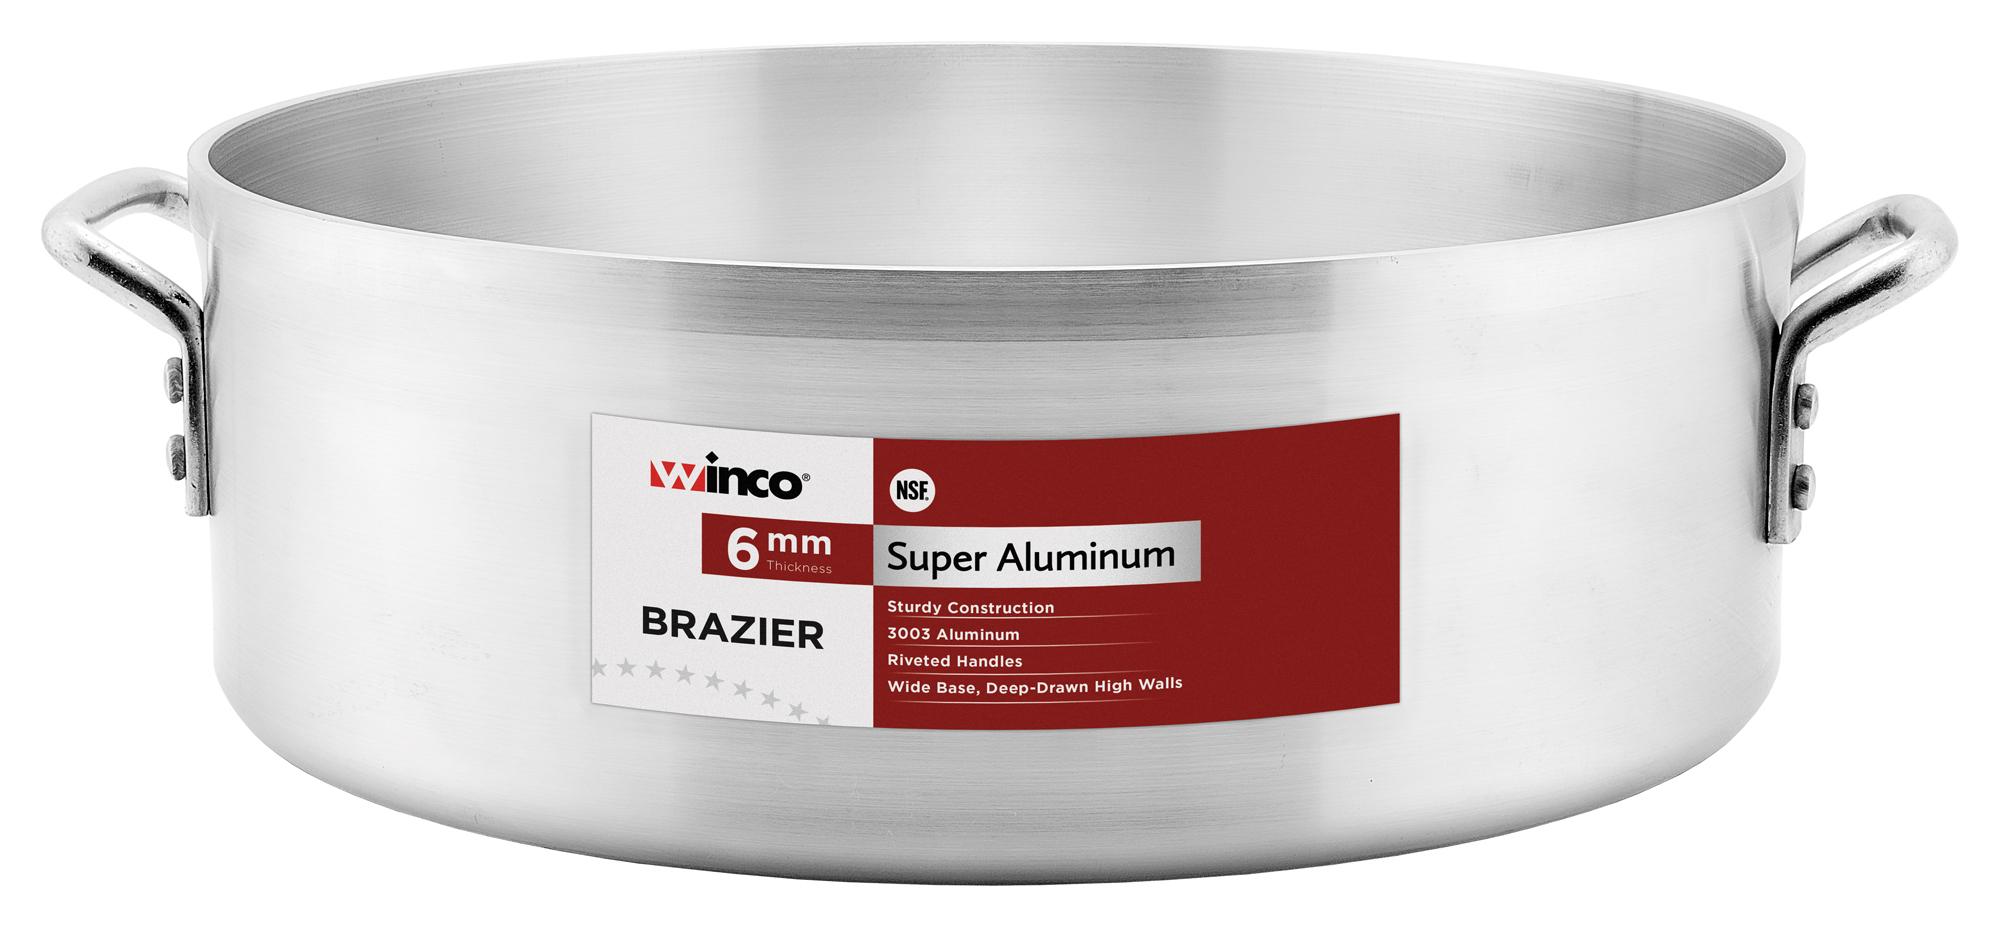 Winco AXHB-35 brazier